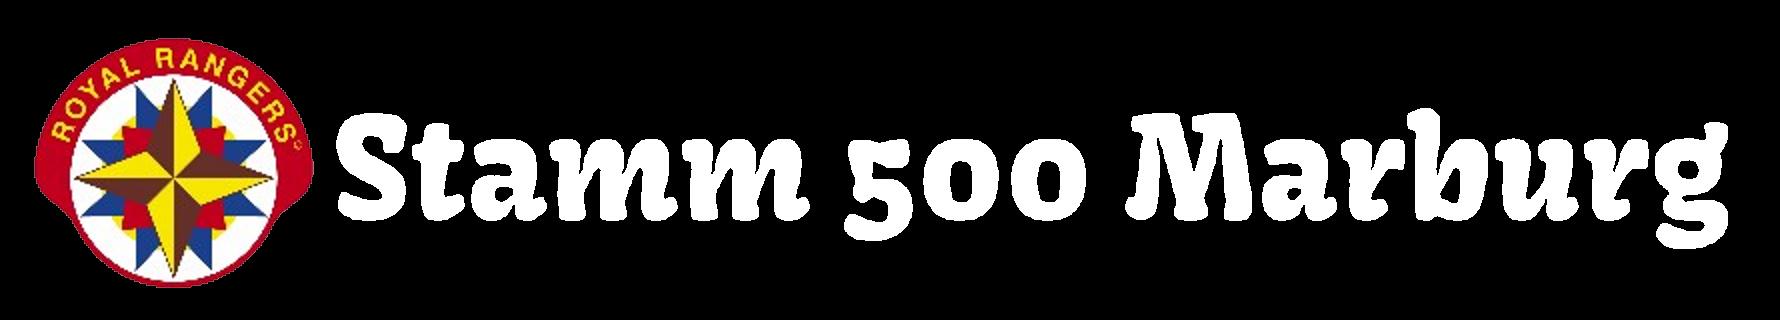 RR 500 Marburg